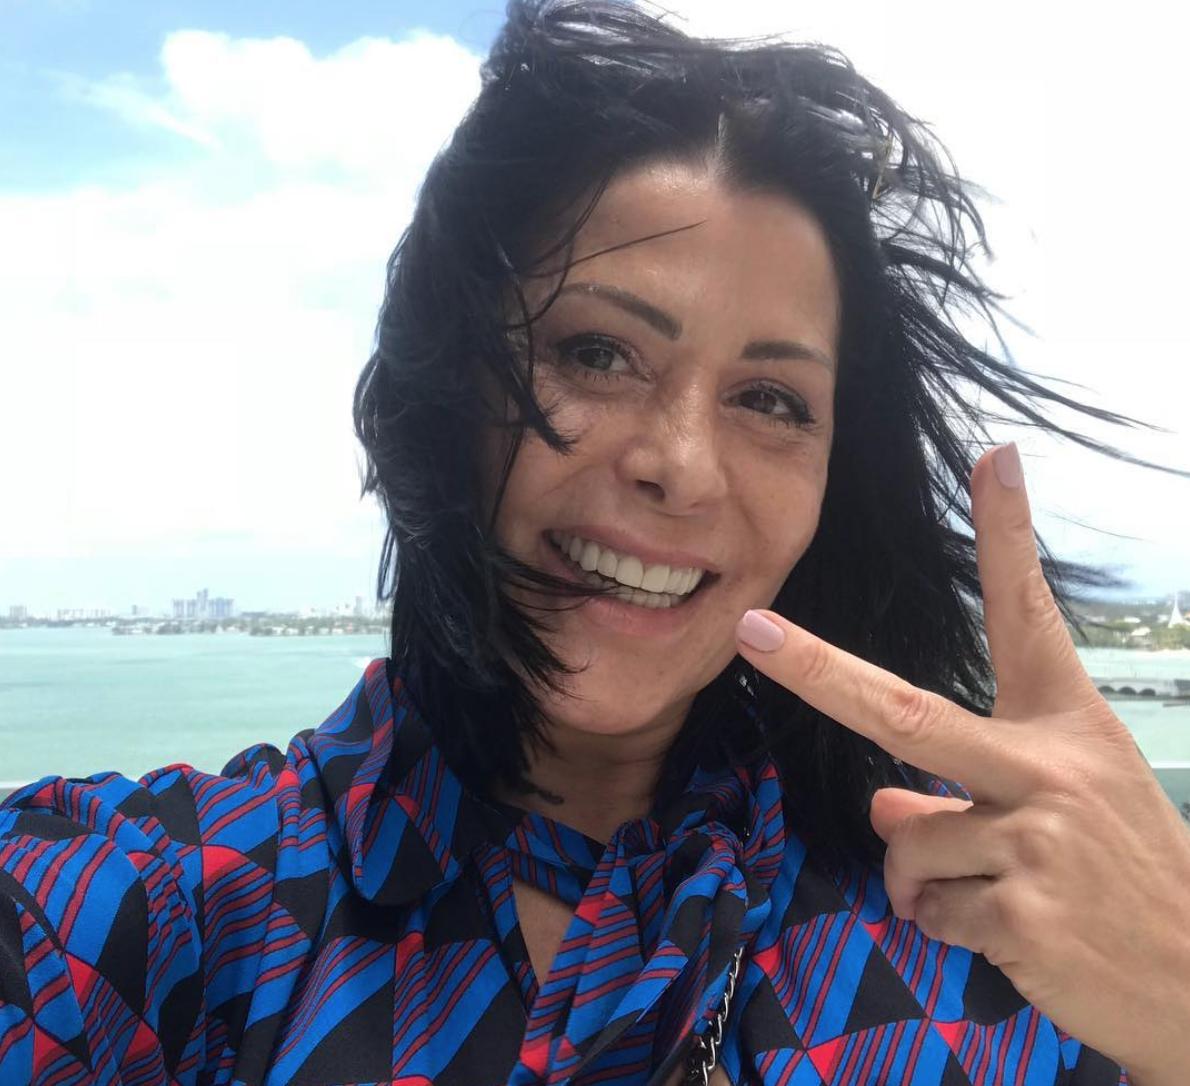 Alejandra Guzmán cuenta con 2.3 millones de seguidores en Instagram Instagram